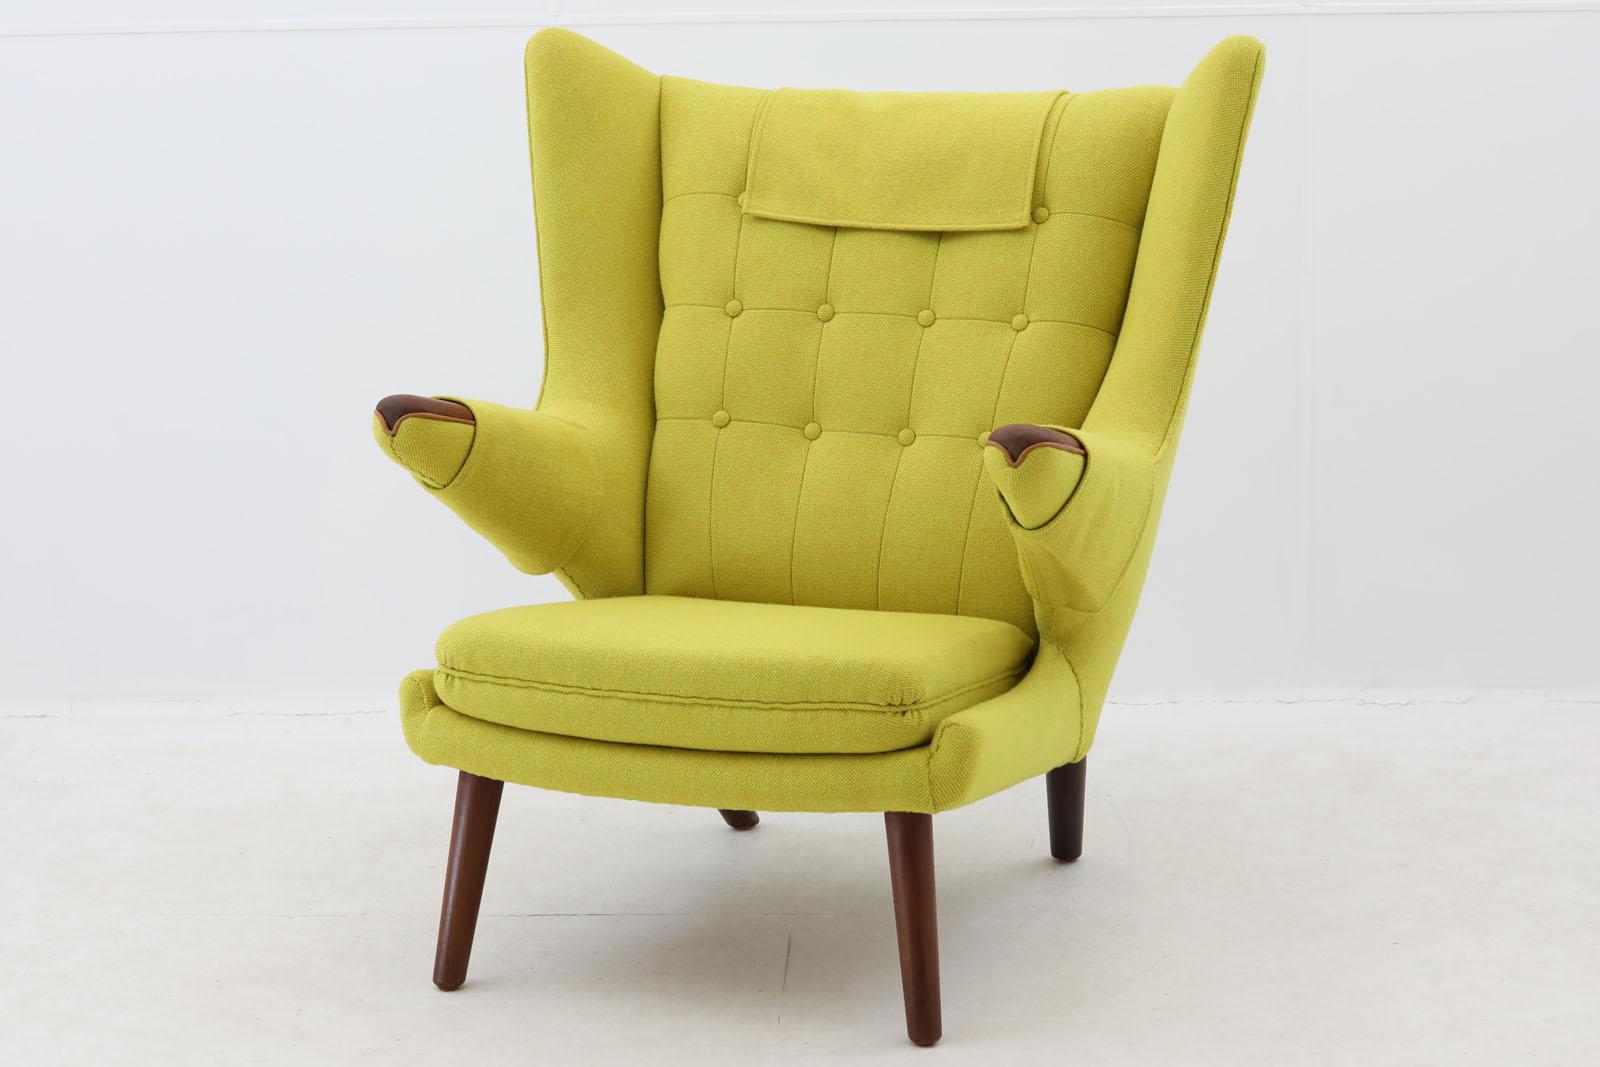 北欧家具ビンテージ AP19 Bear Chair/ベアチェア チーク材 Hans J.Wegner(ハンス・J・ウェグナー)AP Stolen【デンマーク製 1人掛けソファ 1P ラウンジチェア アンティーク 北欧インテリア デザイナー おしゃれ リビング】